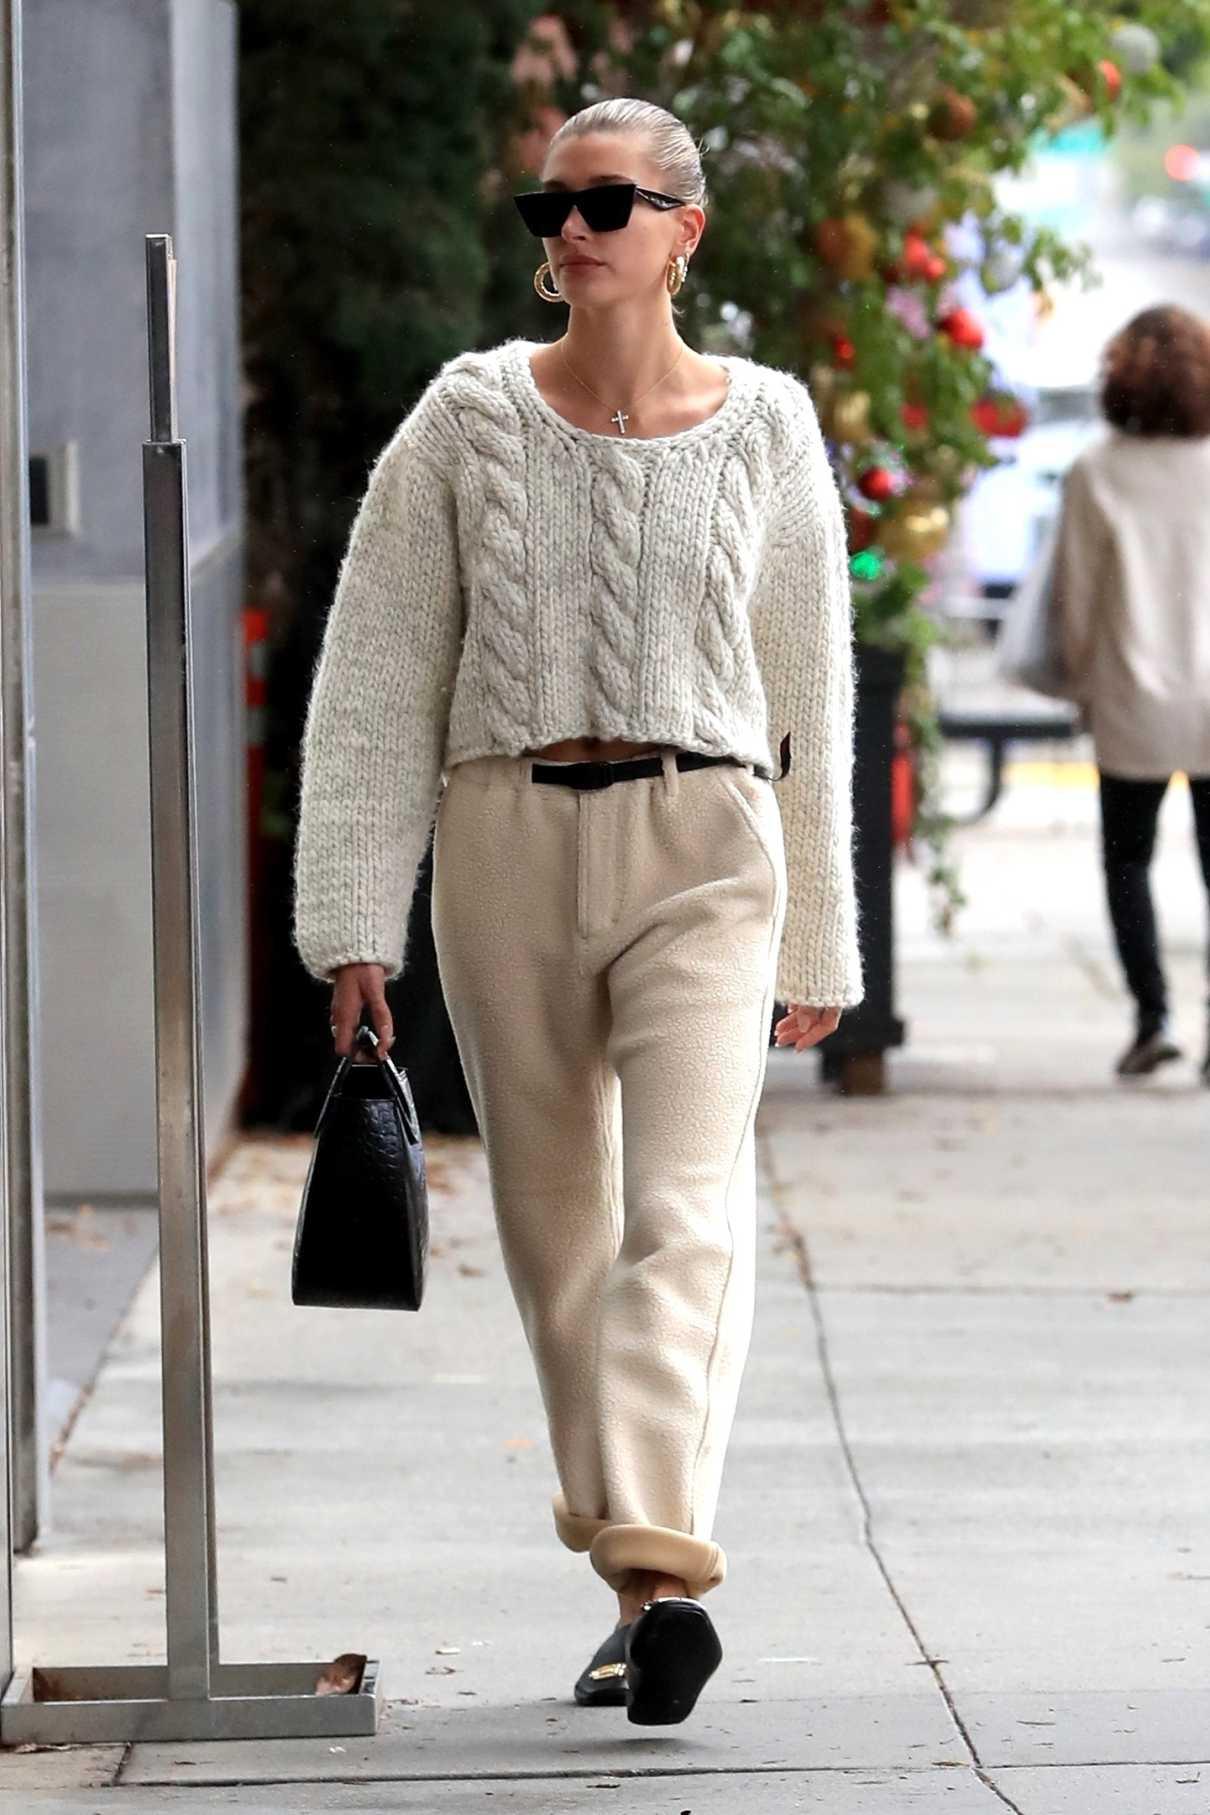 Hailey Baldwin in a White Sweater